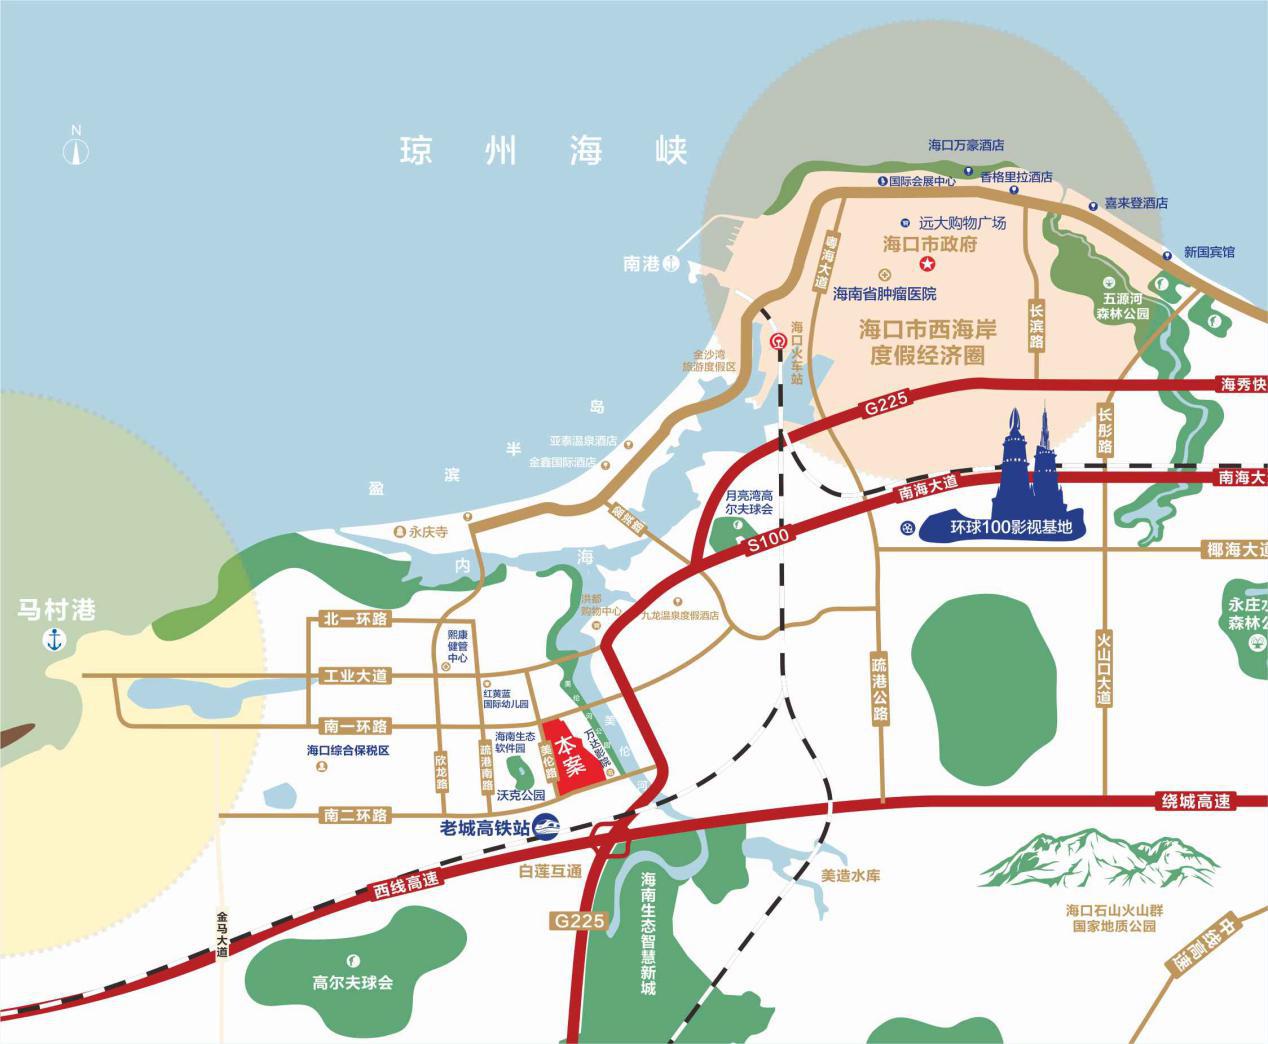 融创美伦熙语交通图